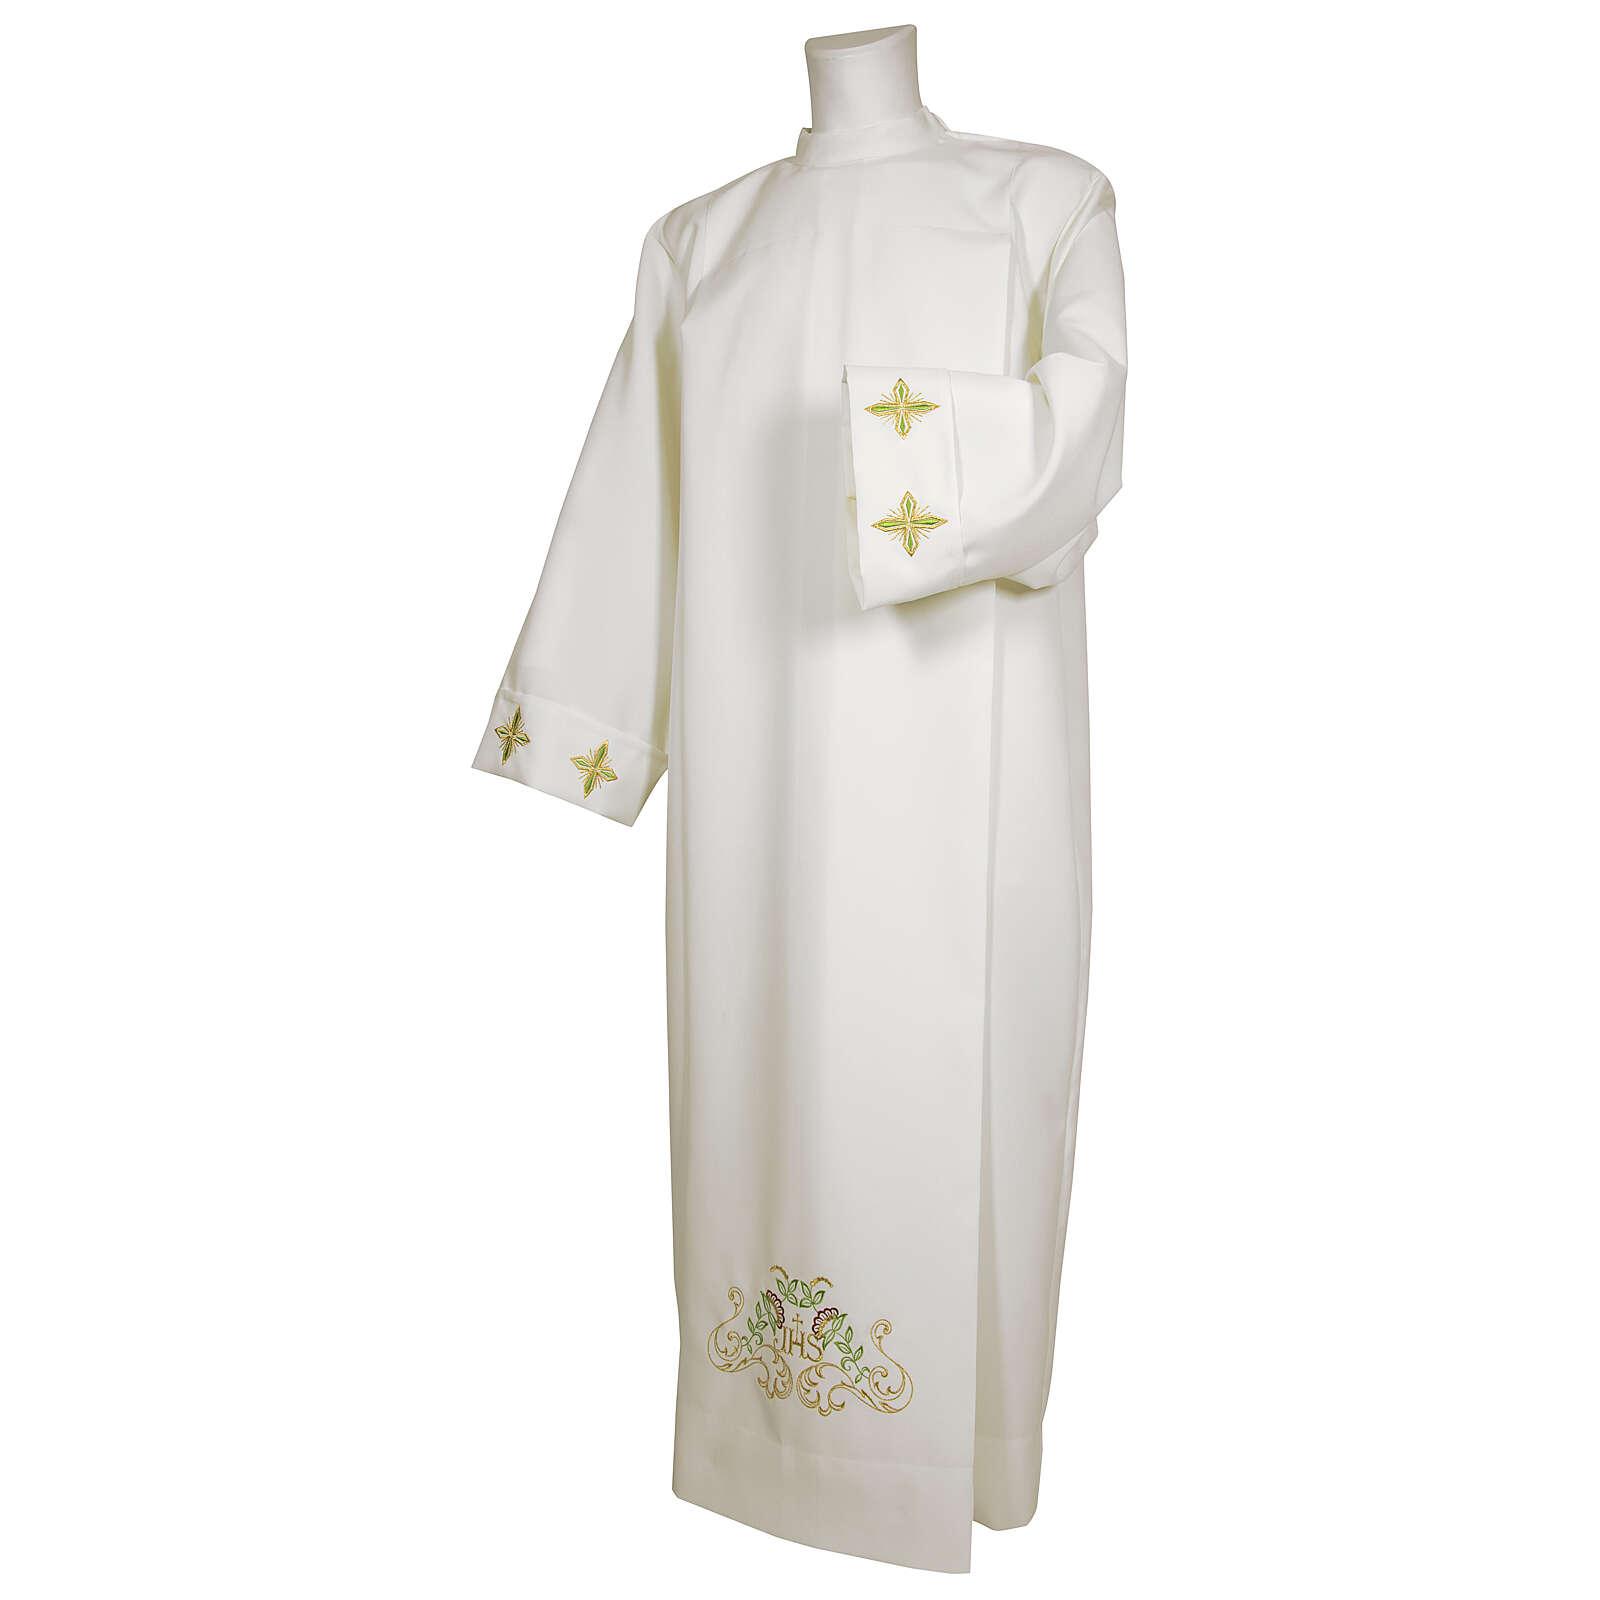 Alva branca 65% poliéster 35% algodão cruz decoro floral fecho de correr na frente 4